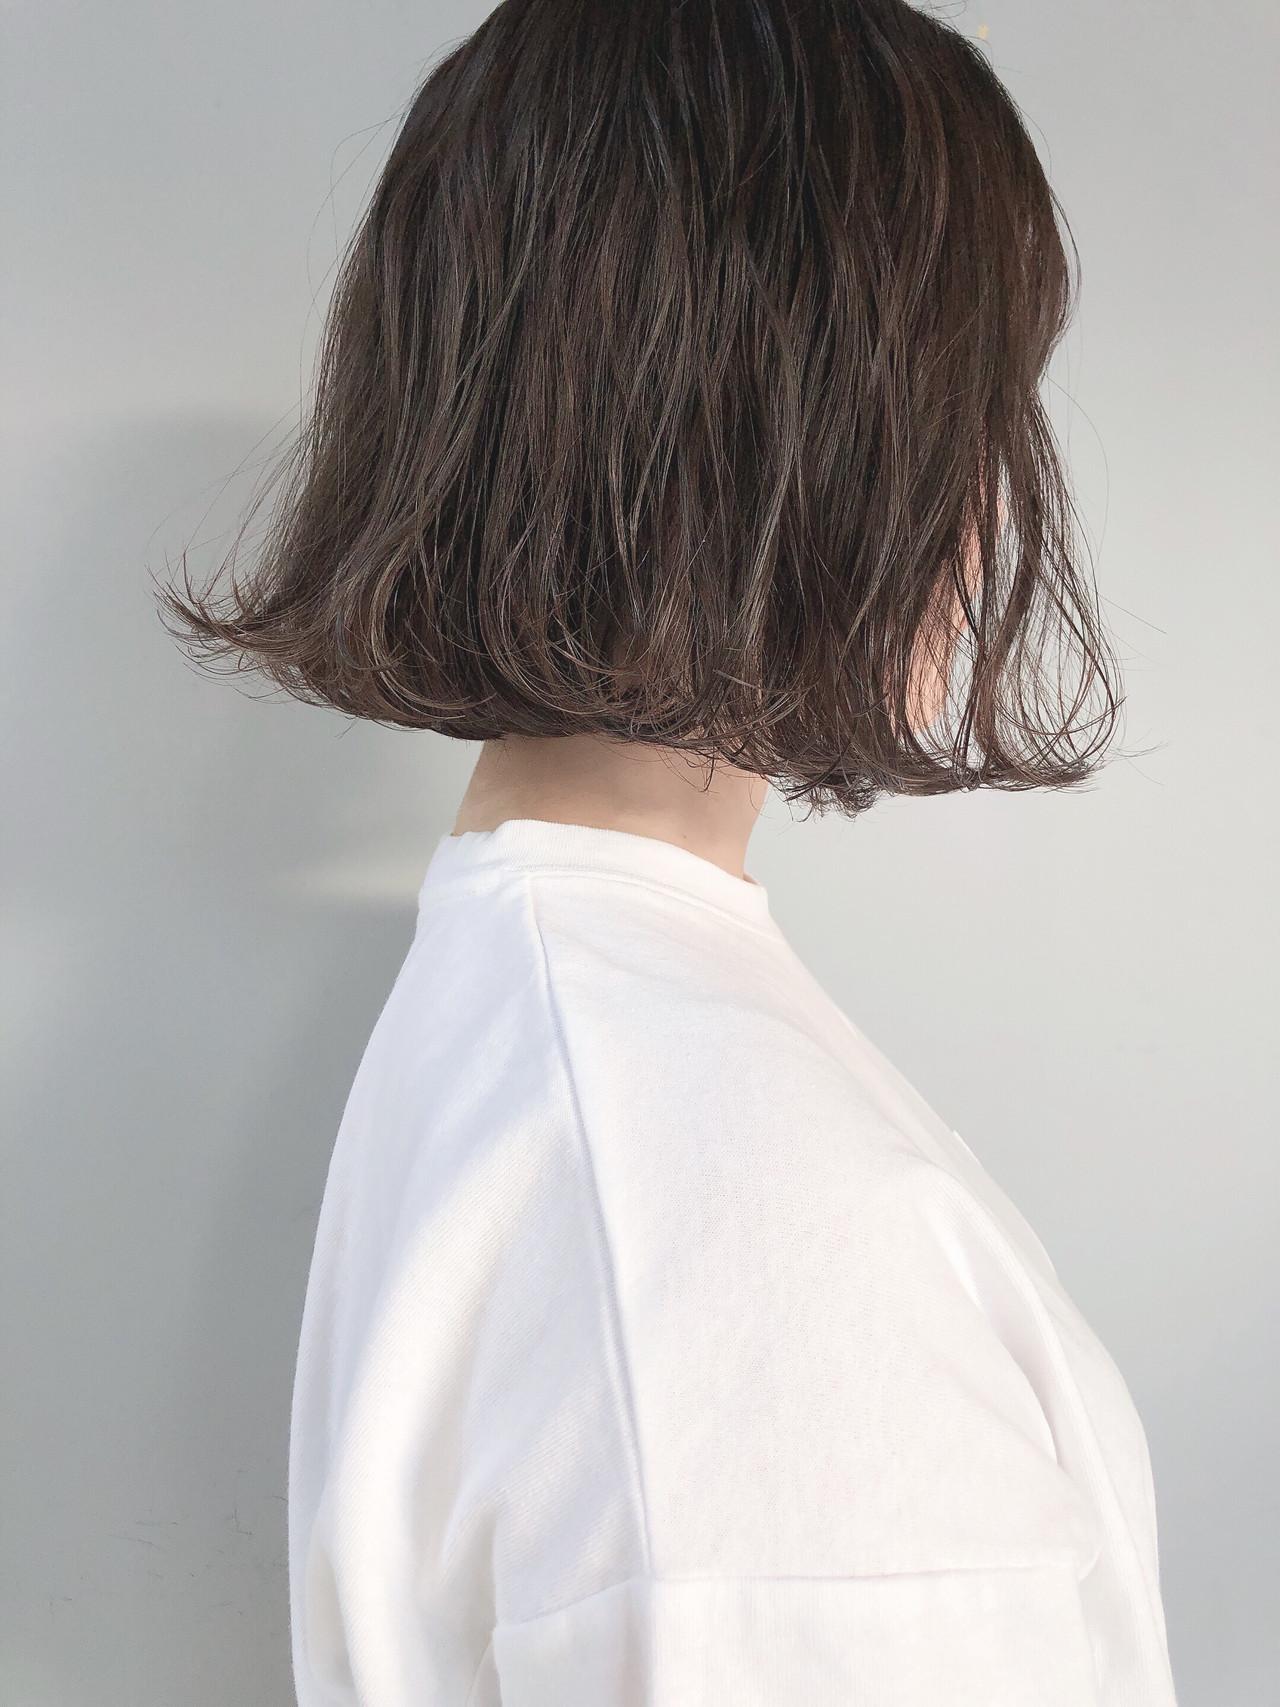 アッシュグレージュ ミルクグレージュ ミルクティーグレージュ オリーブグレージュヘアスタイルや髪型の写真・画像